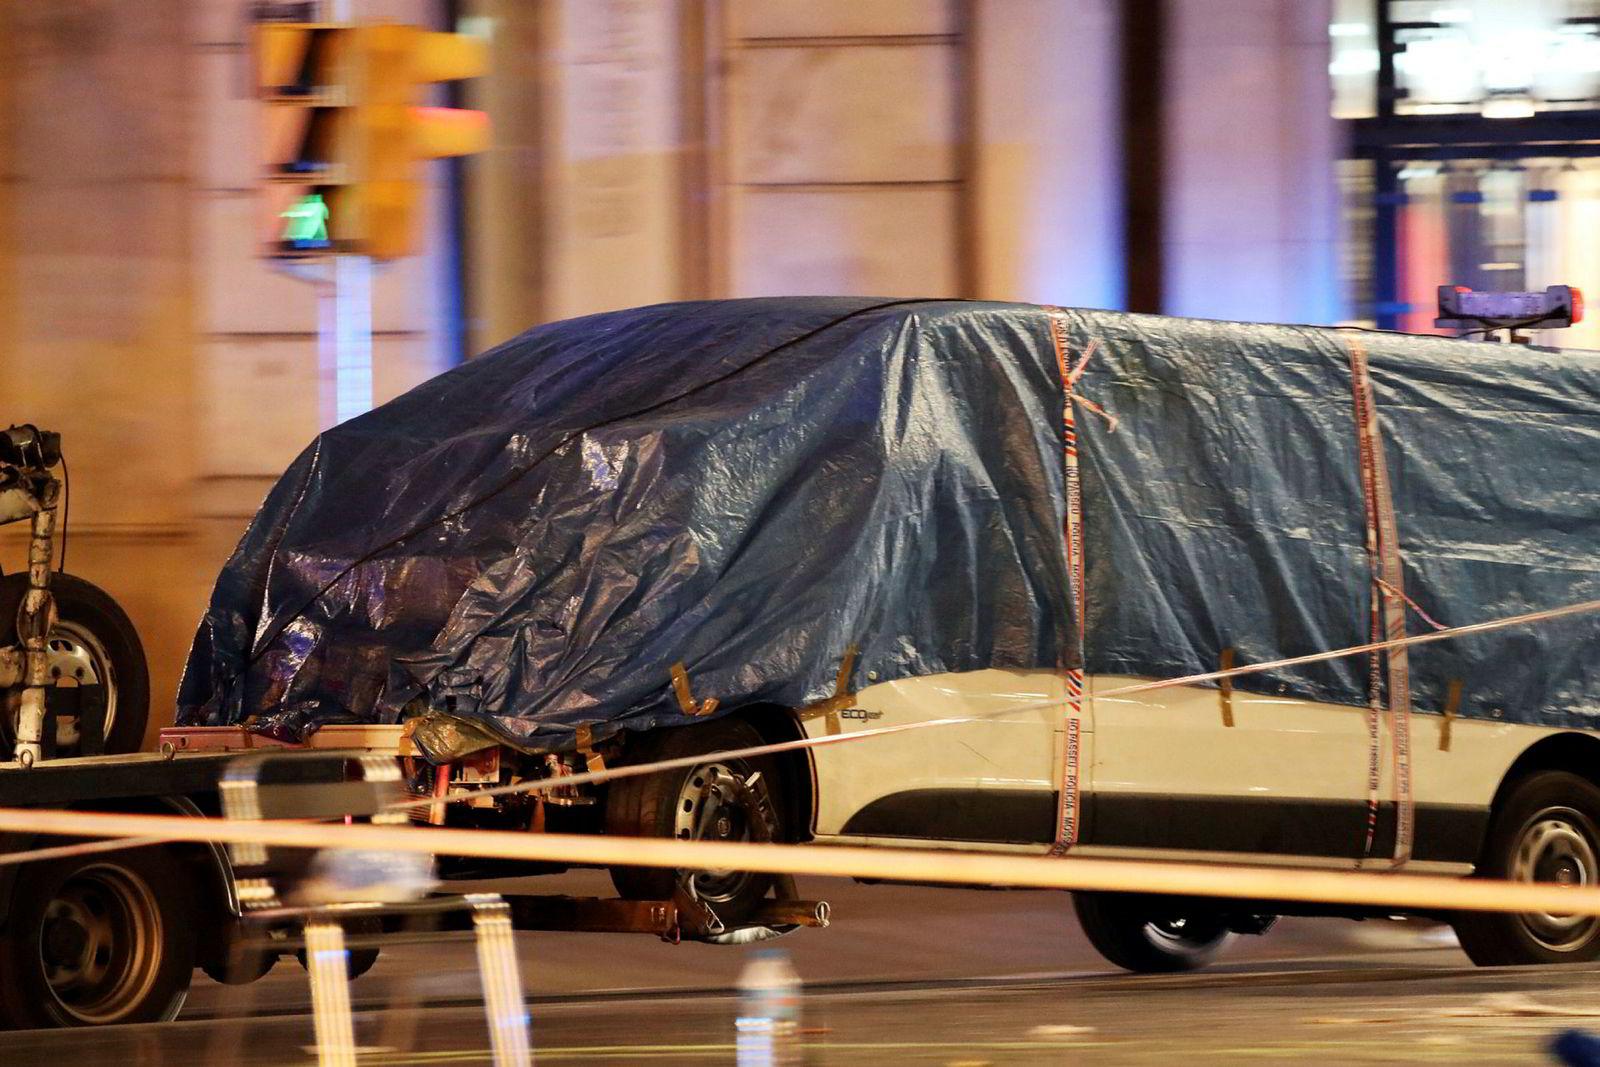 Bilen som ble brukt i angrepet taues vekk fra åstedet